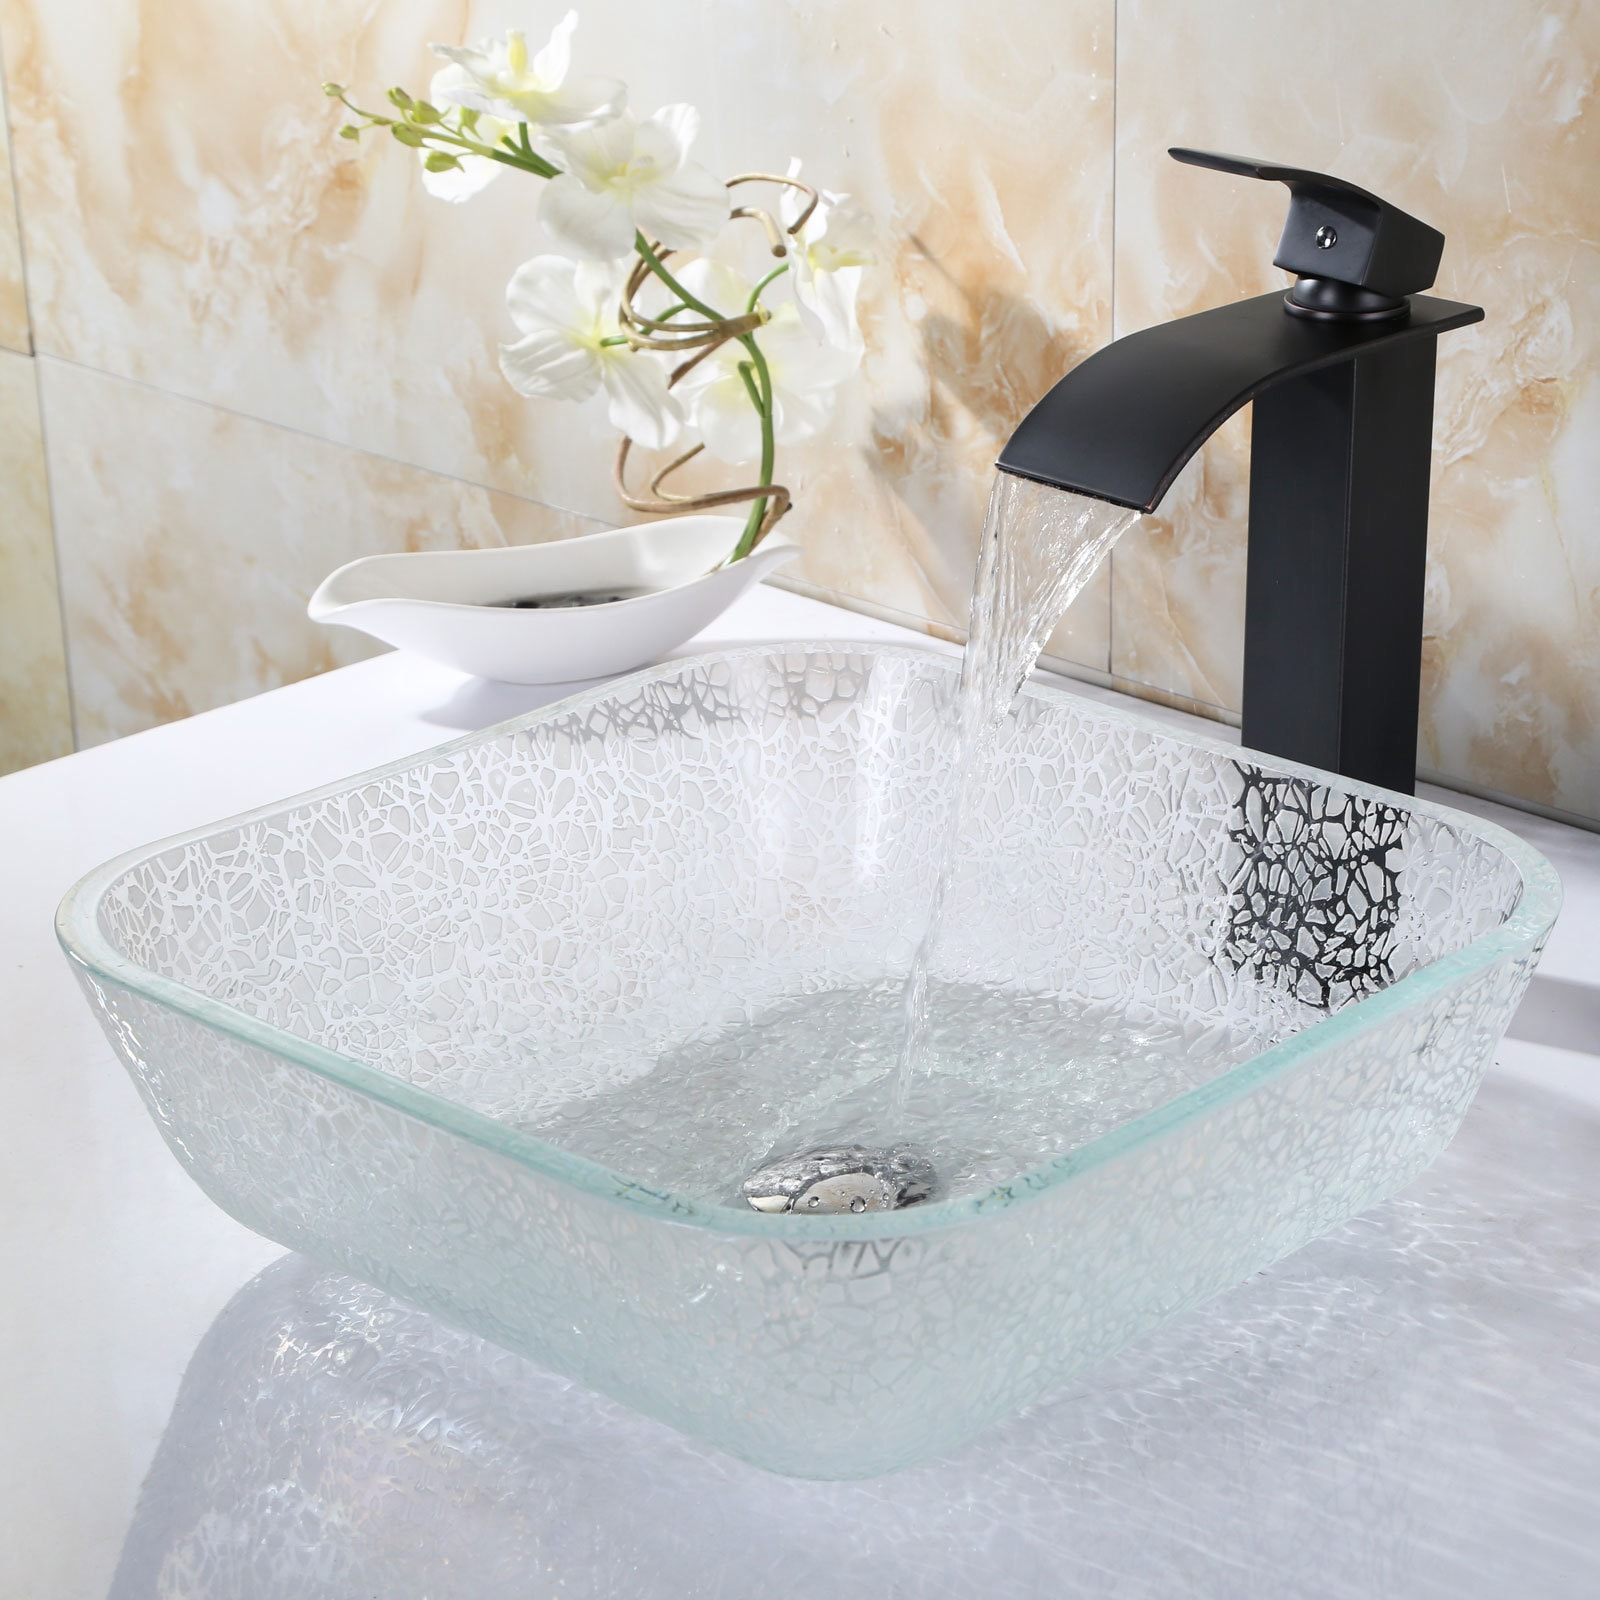 Shop Elite 8804 Single Handle Lever Bathroom Lavatory Faucet - Free ...